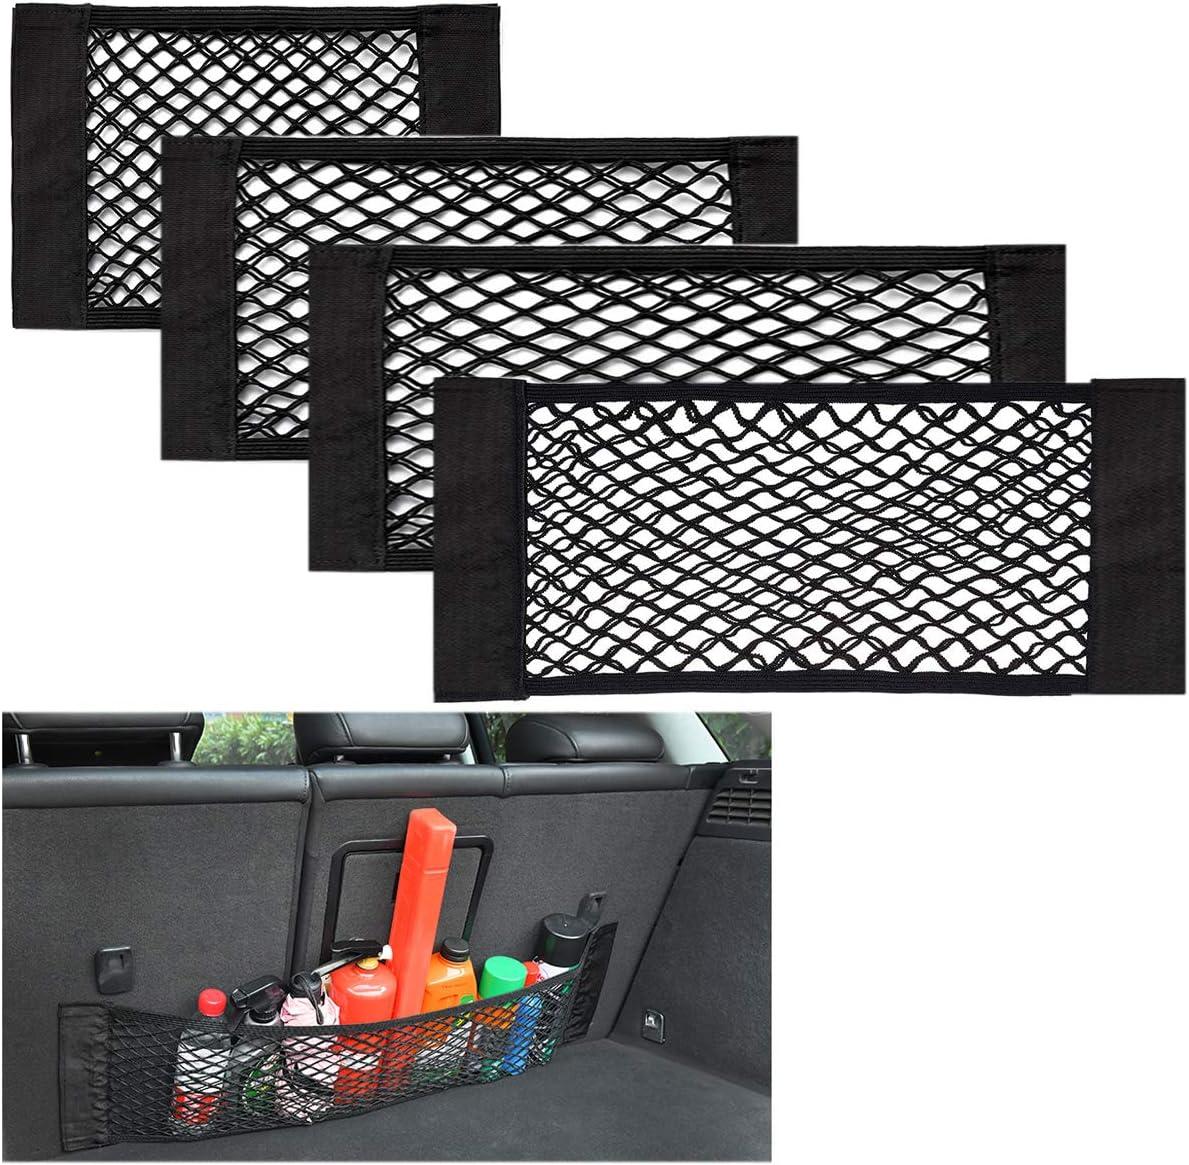 Yueser Kofferraum Netztasche 4 Stück Kofferraum Organizer Mit Starken Klettstreifen Für Universal Auto Kofferraum Gepäcknetz 4 Größen Auto